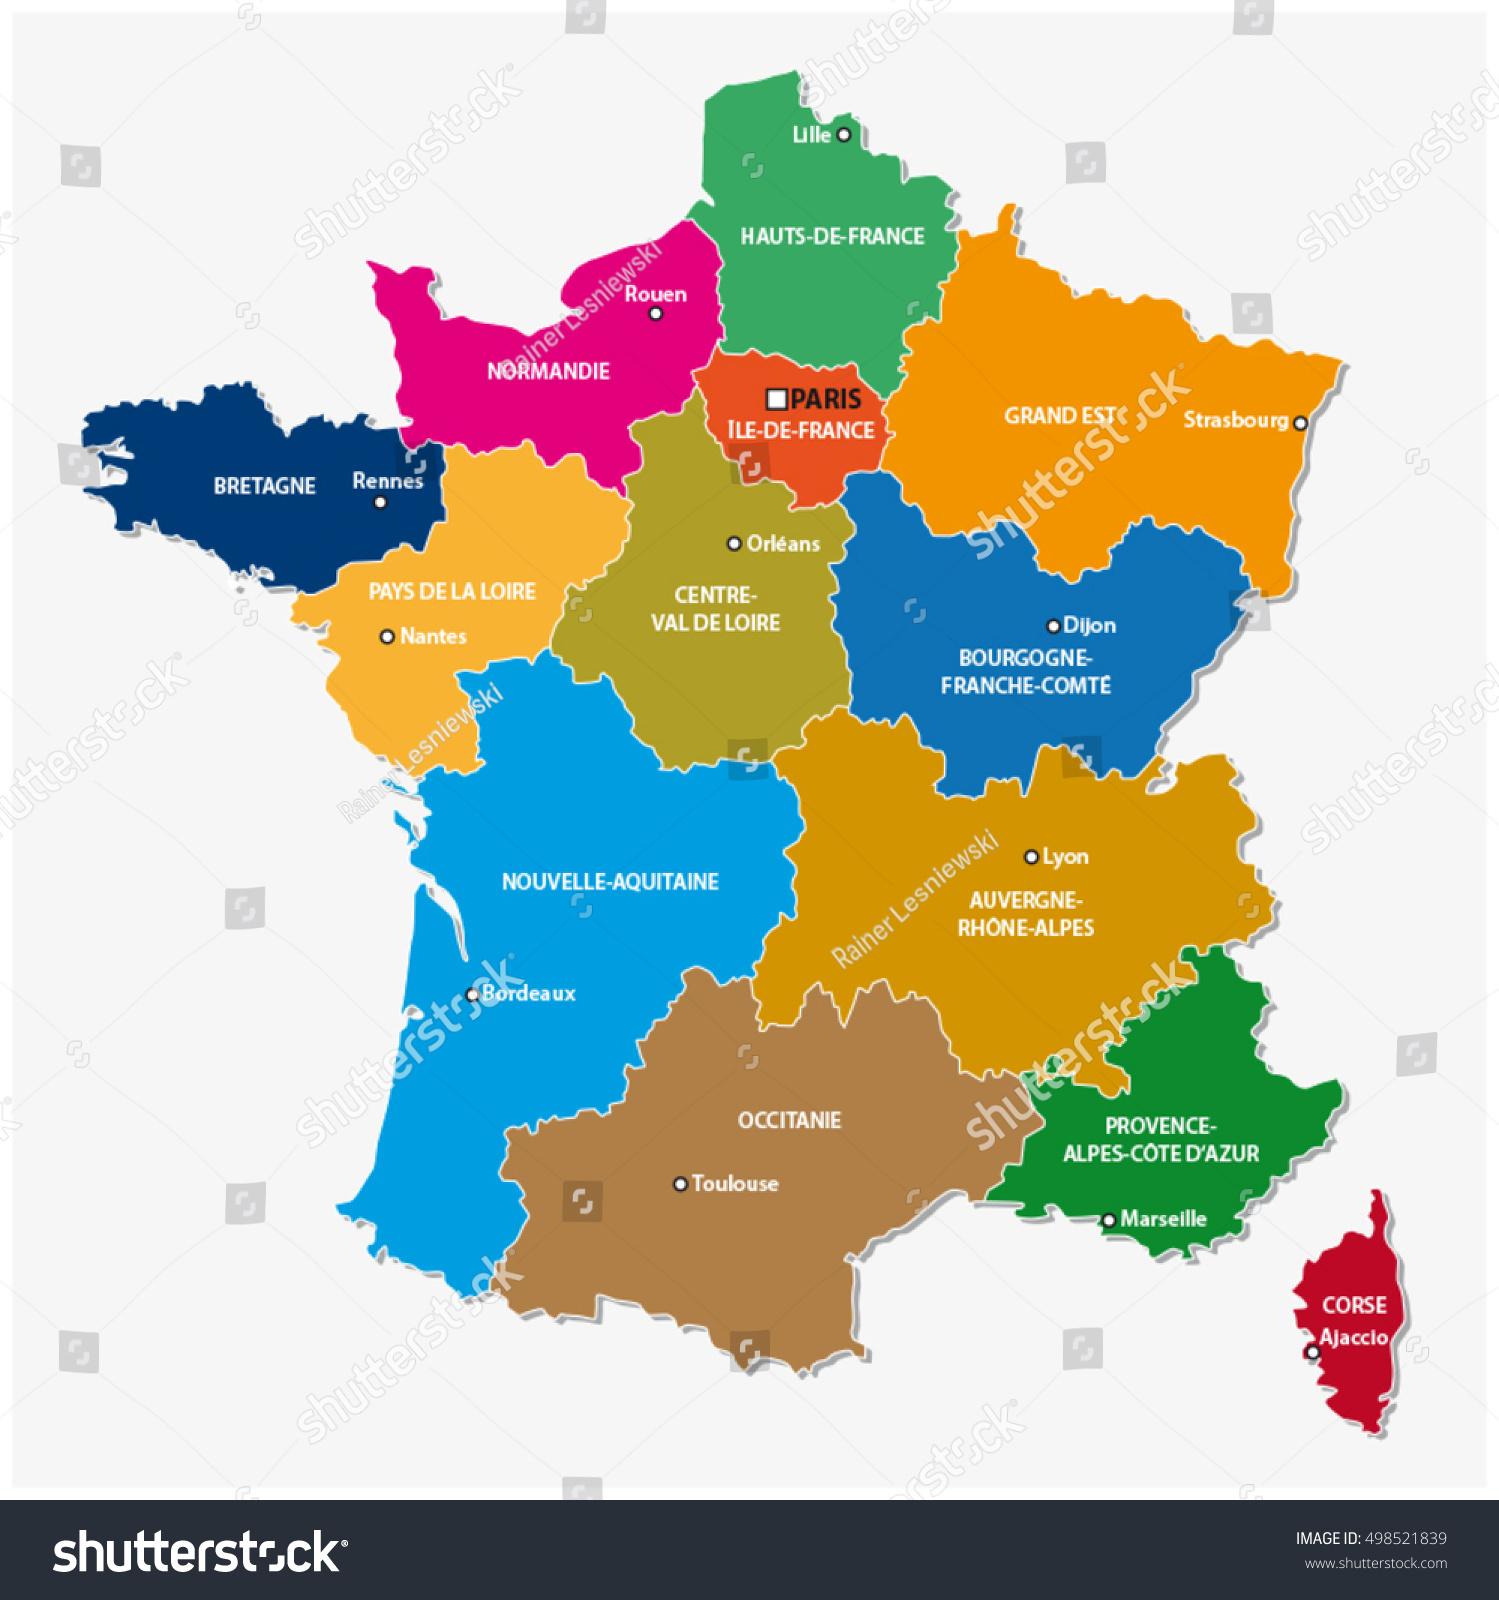 Image Vectorielle De Stock De Carte Administrative Des 13 intérieur Carte Des Régions De France 2016